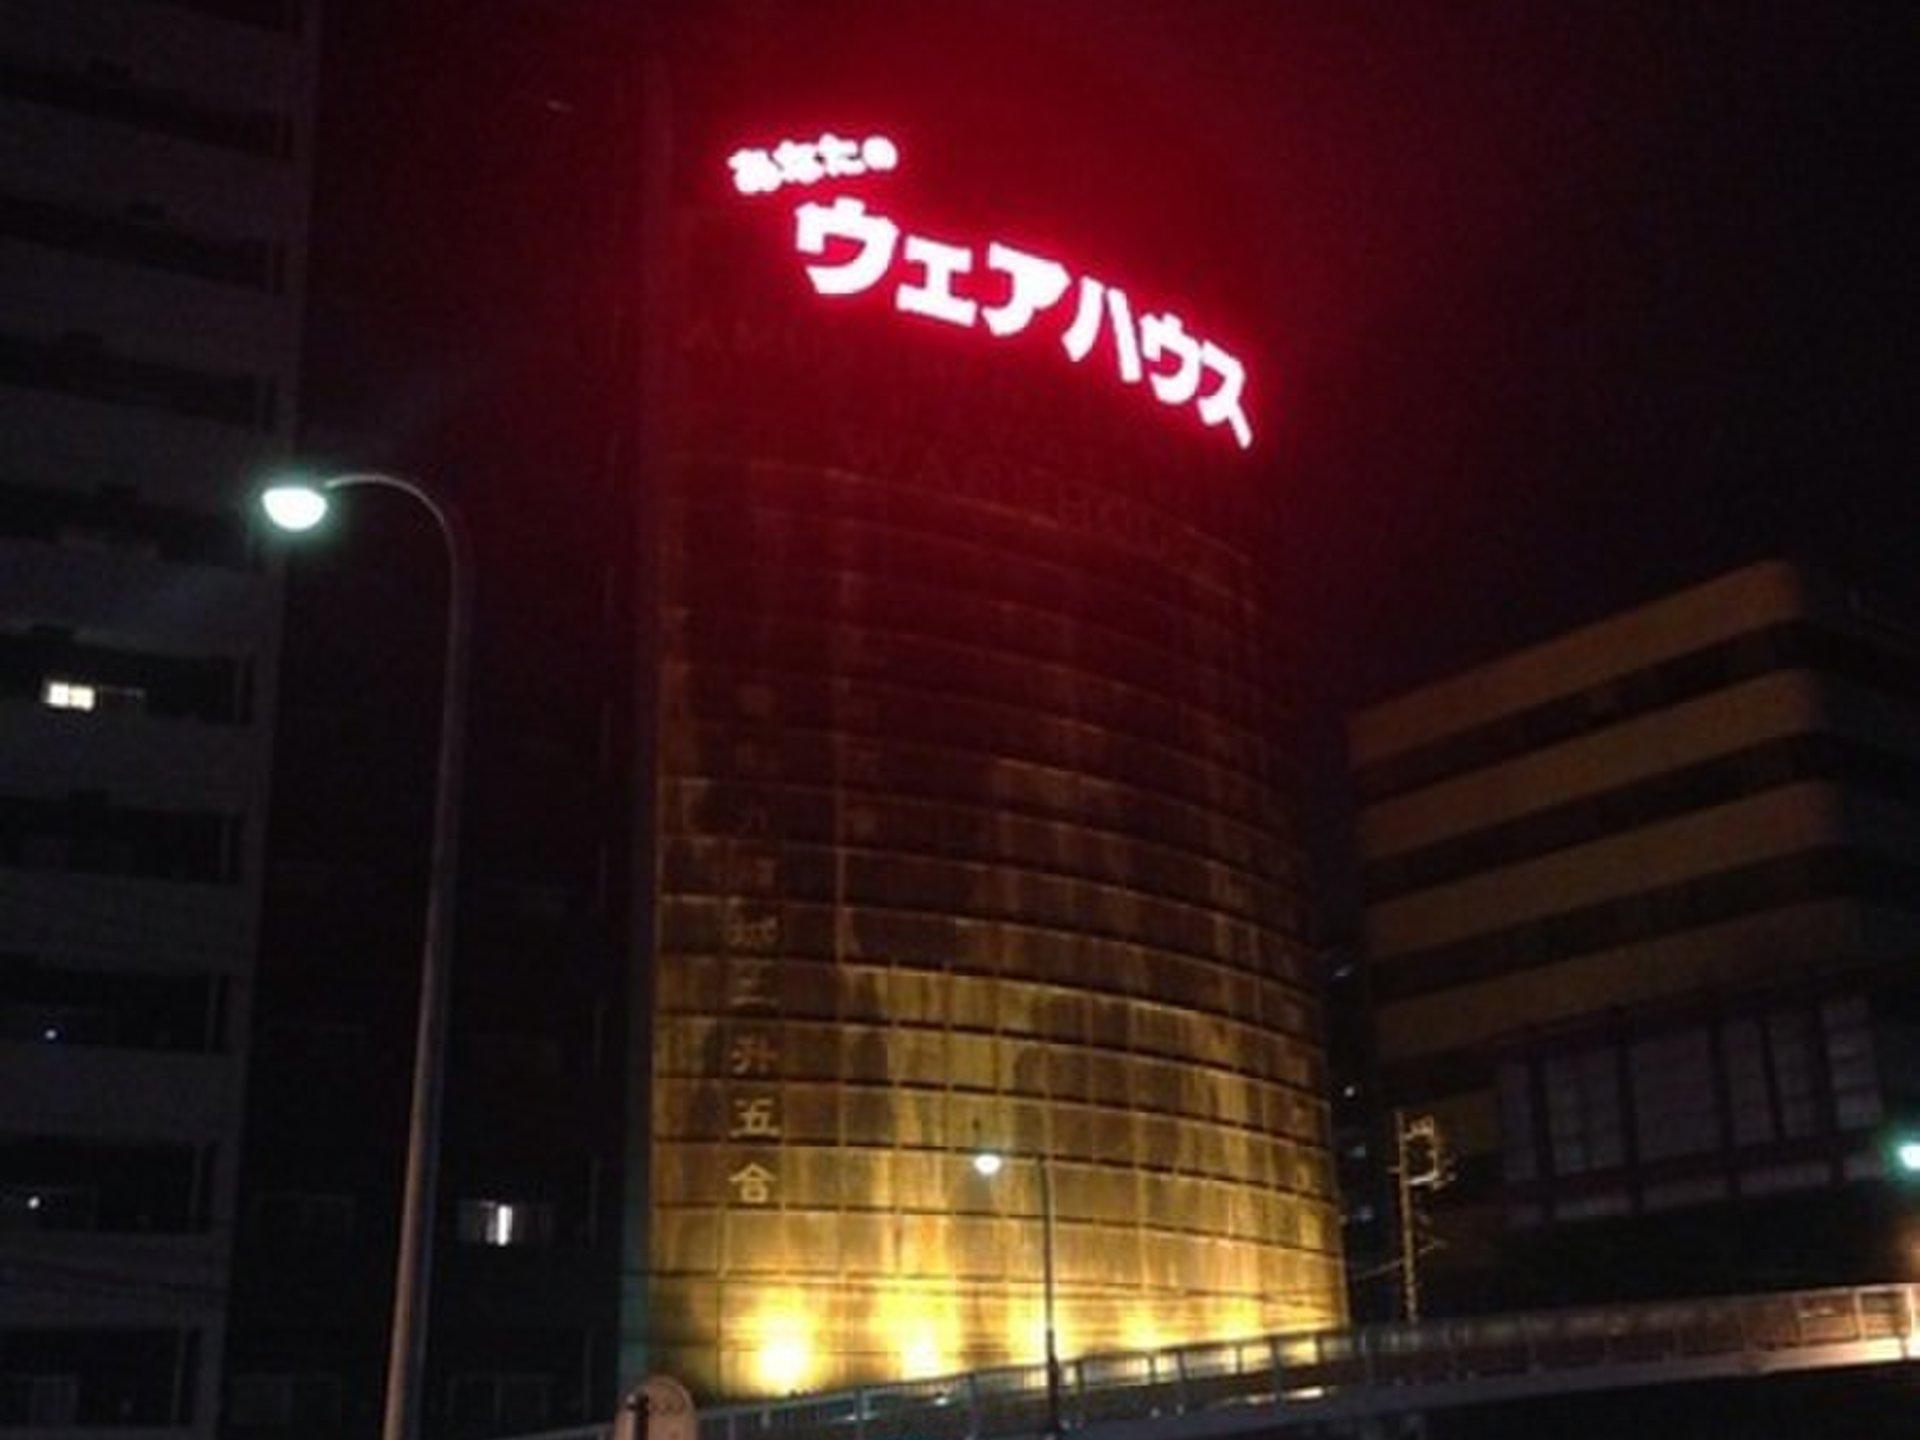 【川崎でおすすめのオールで遊べる夜遊びスポット2選】驚きがいっぱいのサプライズスポット!